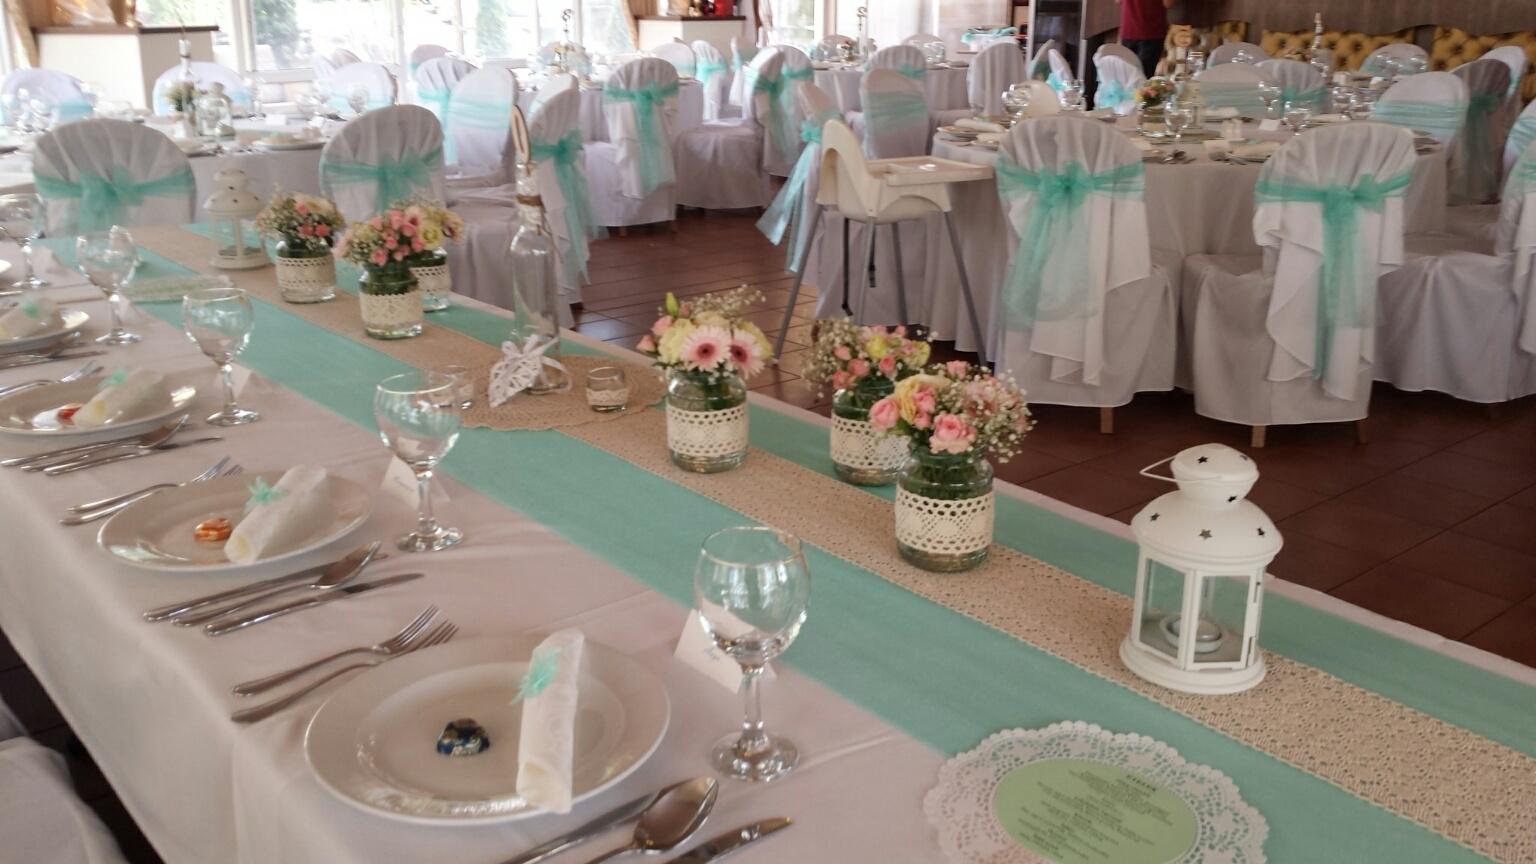 2e05b7524c Esküvői pasztel dekoráció - Ágota EsküvőszervezésÁgota Esküvőszervezés